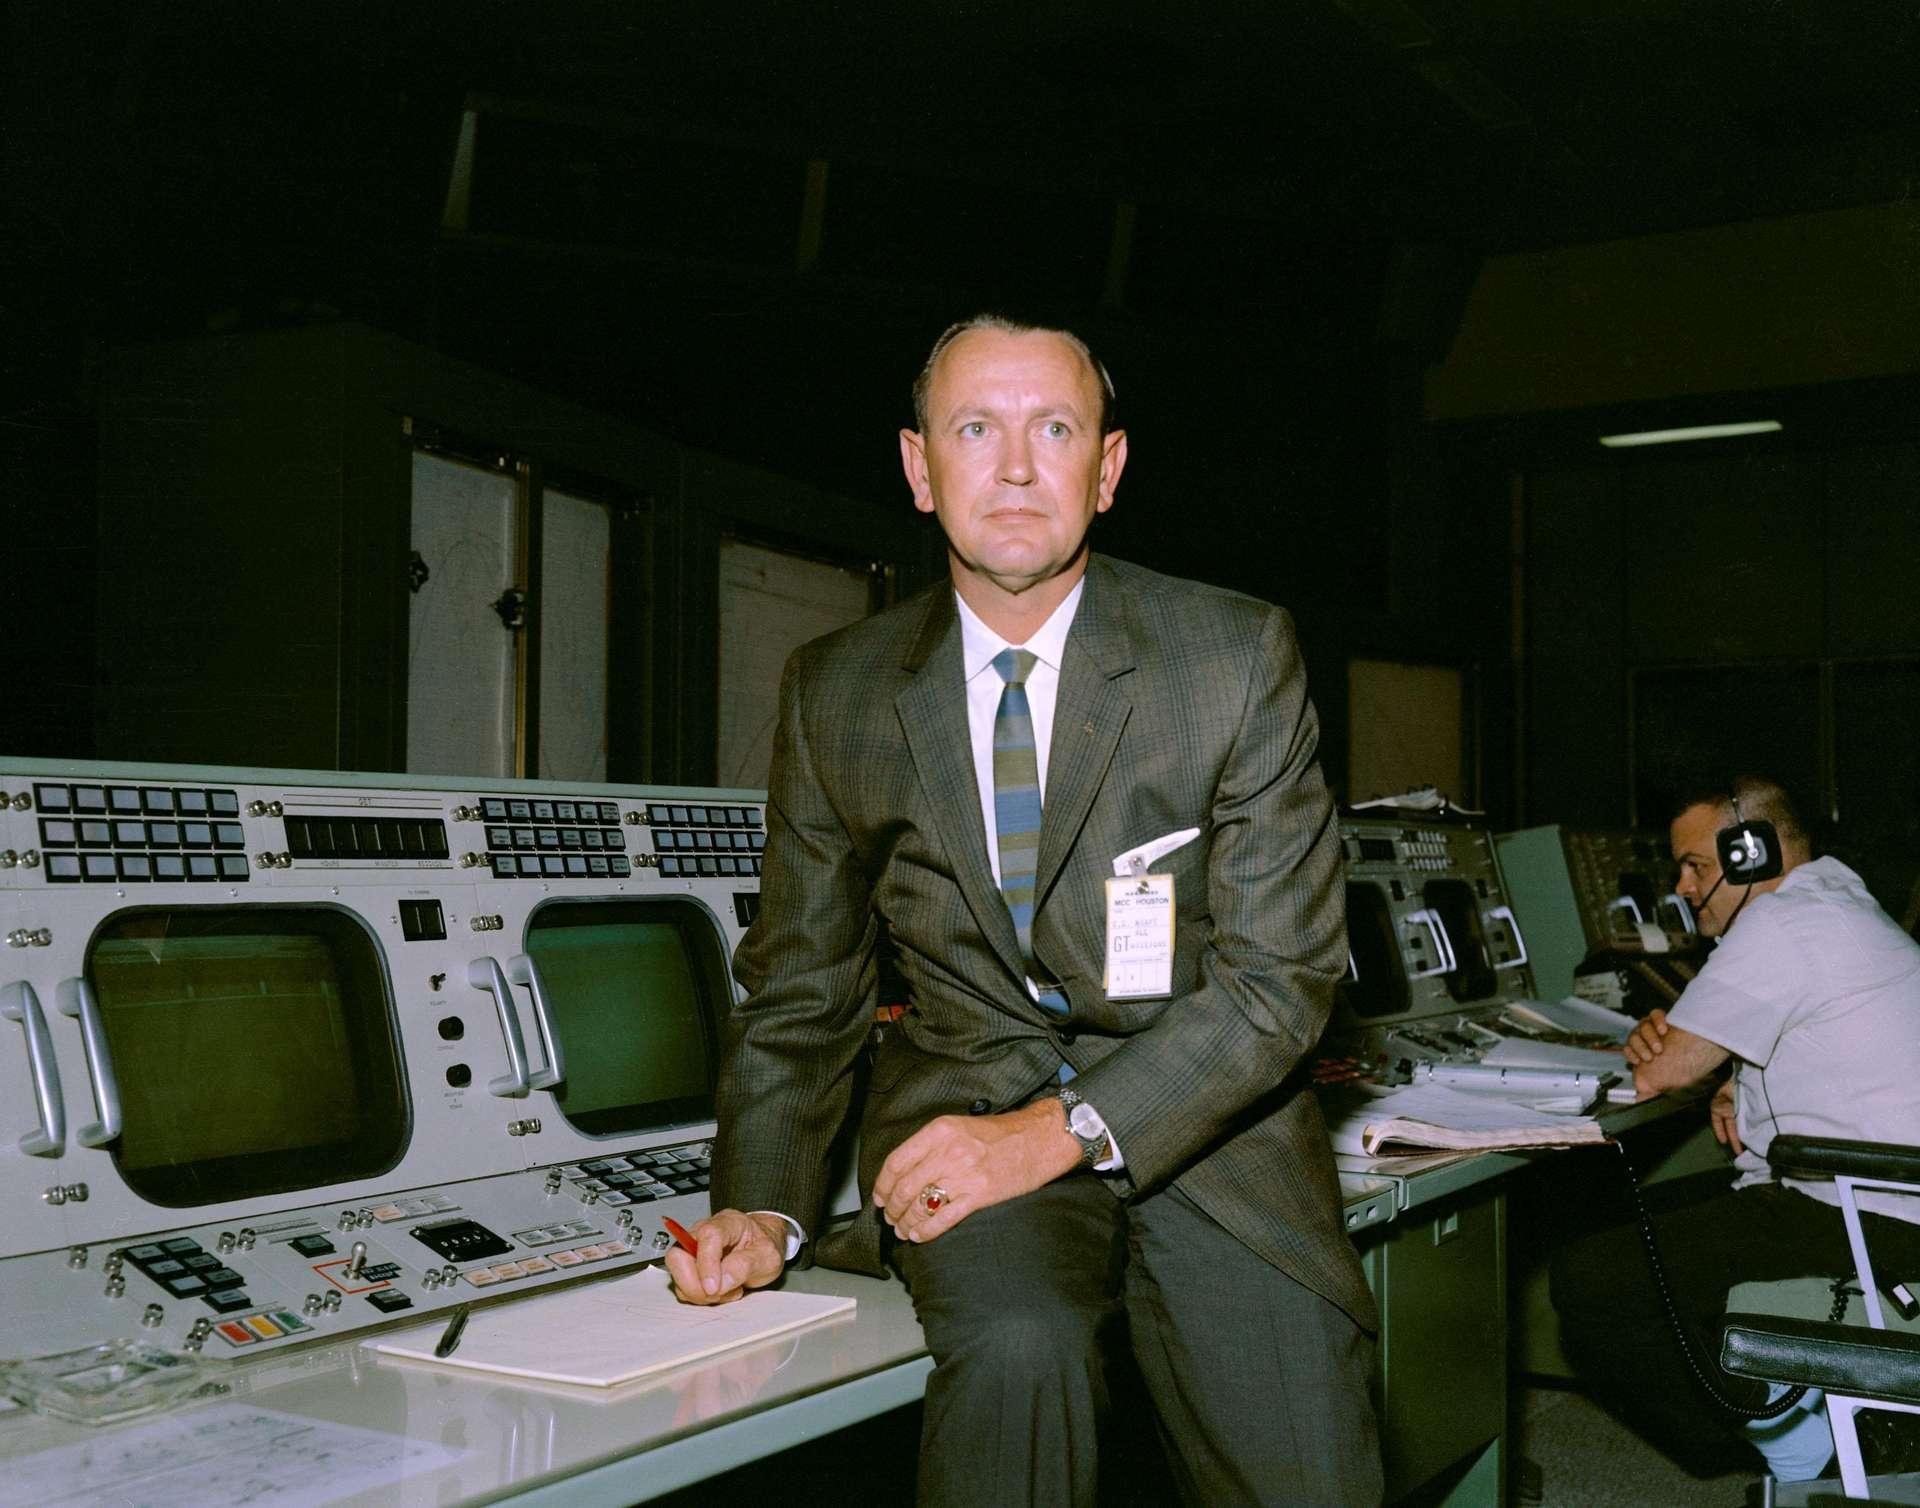 Chris Kraft dans le centre Mission Control à Houston. © Nasa